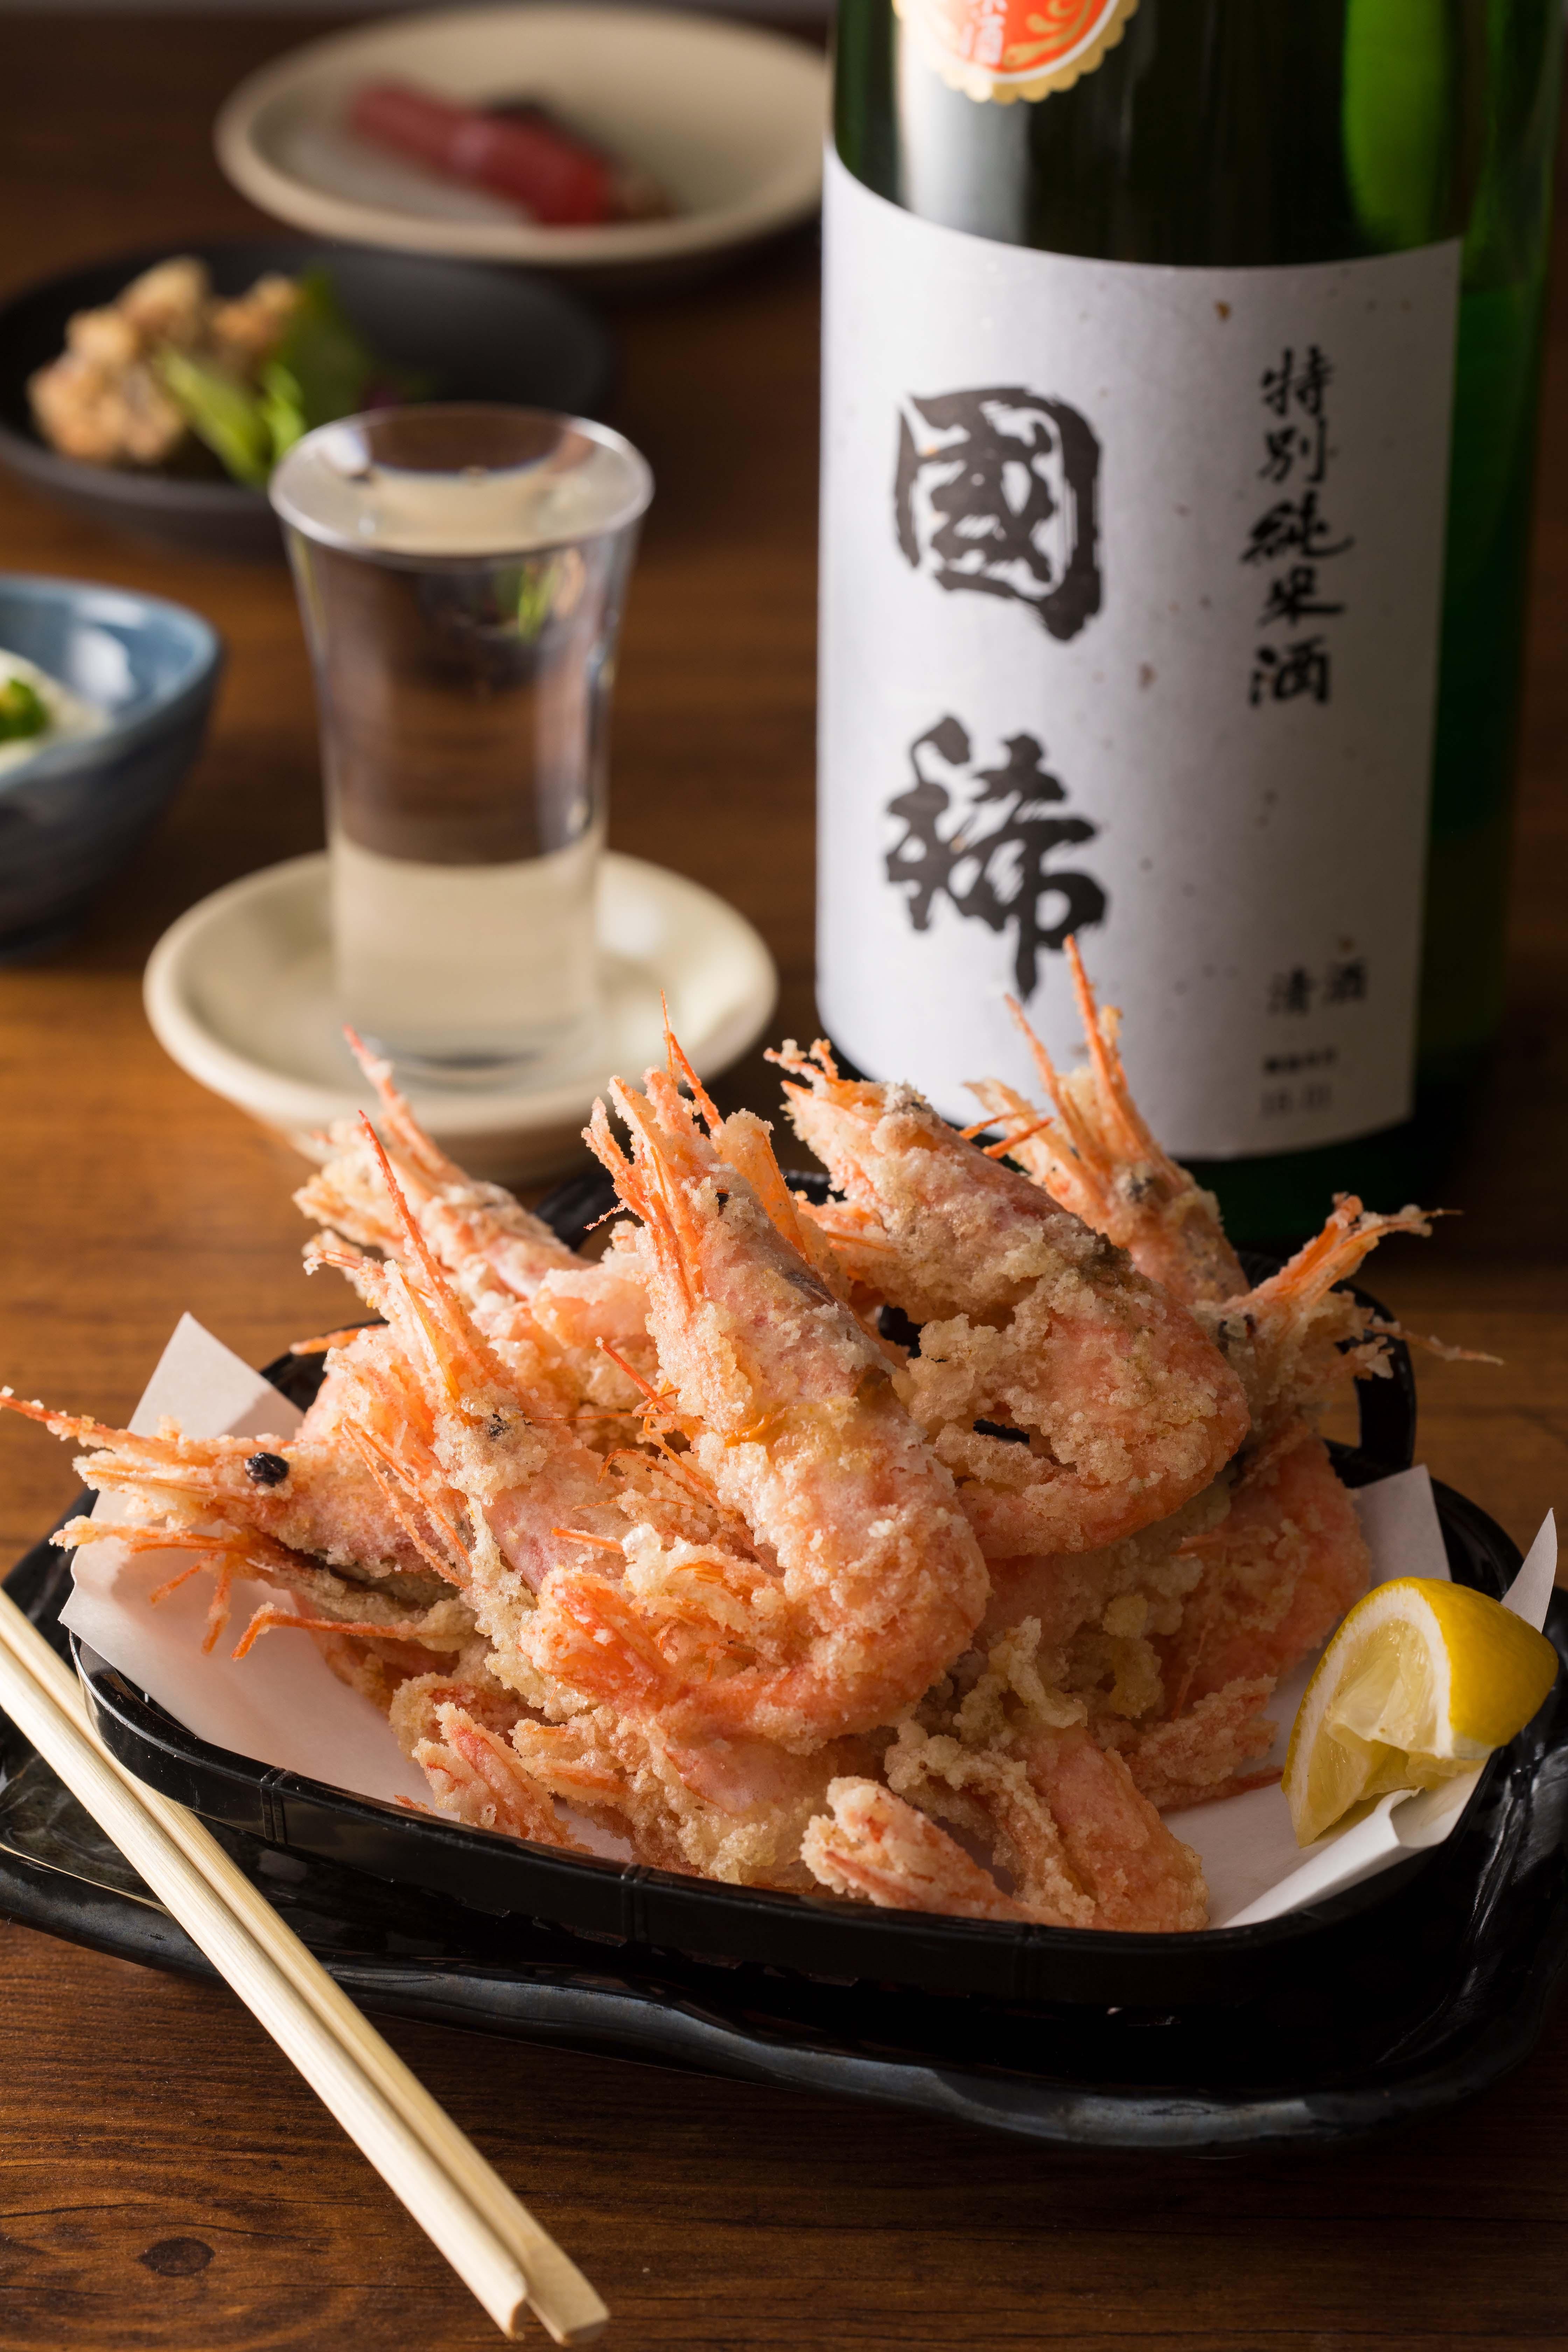 北海道 増毛産 甘海老の刺身&「颯と」唐揚げの画像